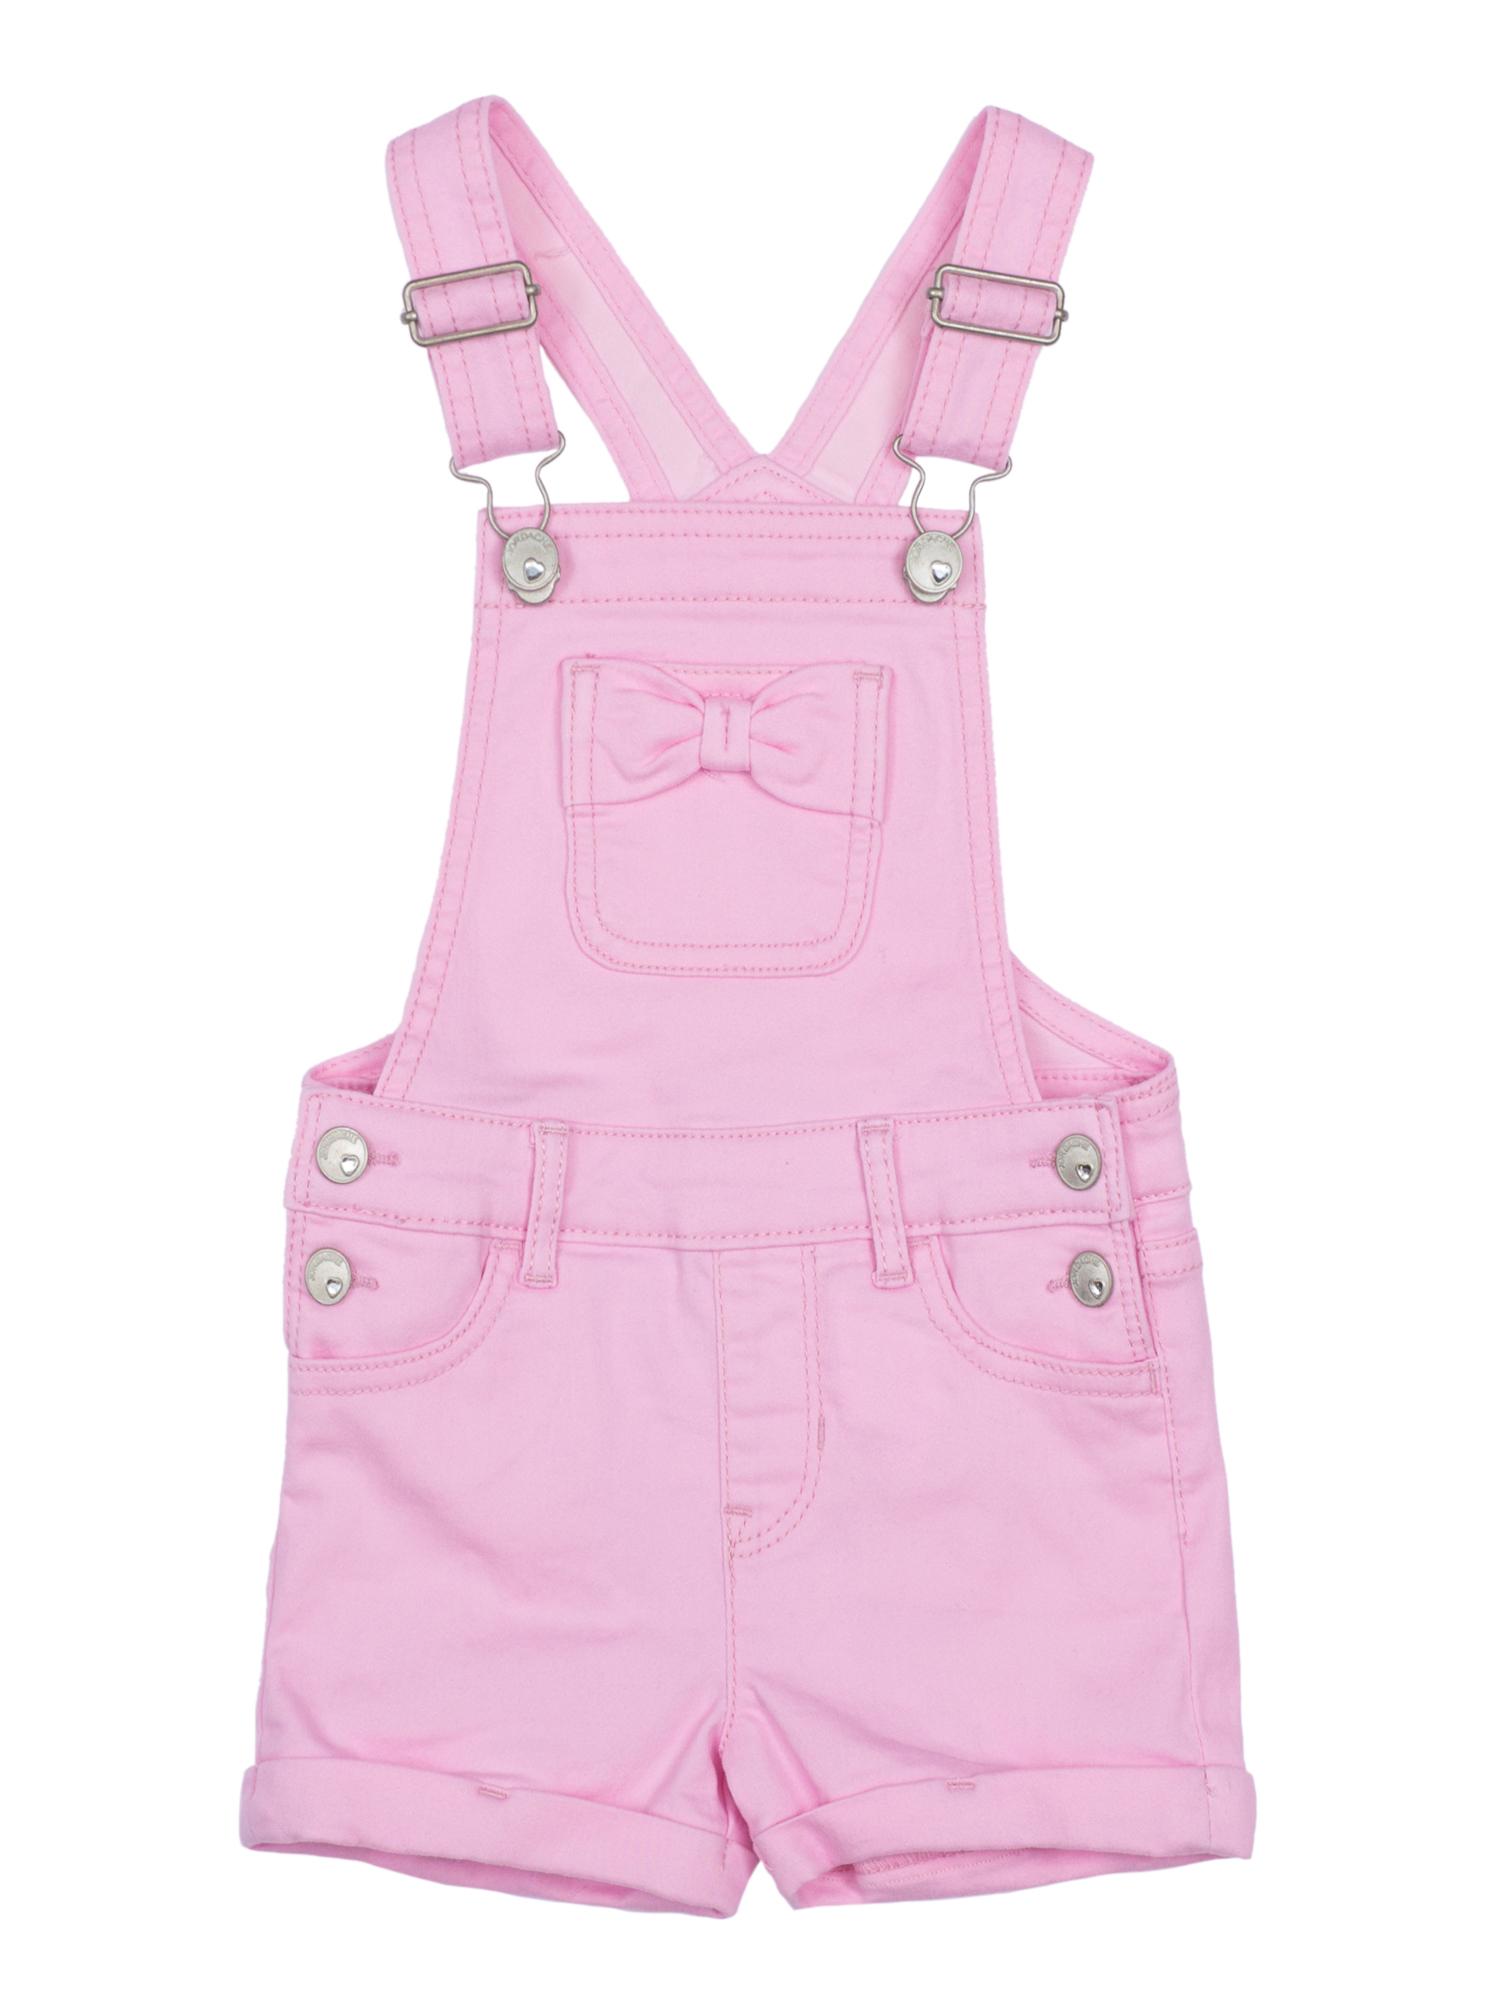 Denim Shortalls (Toddler Girls)